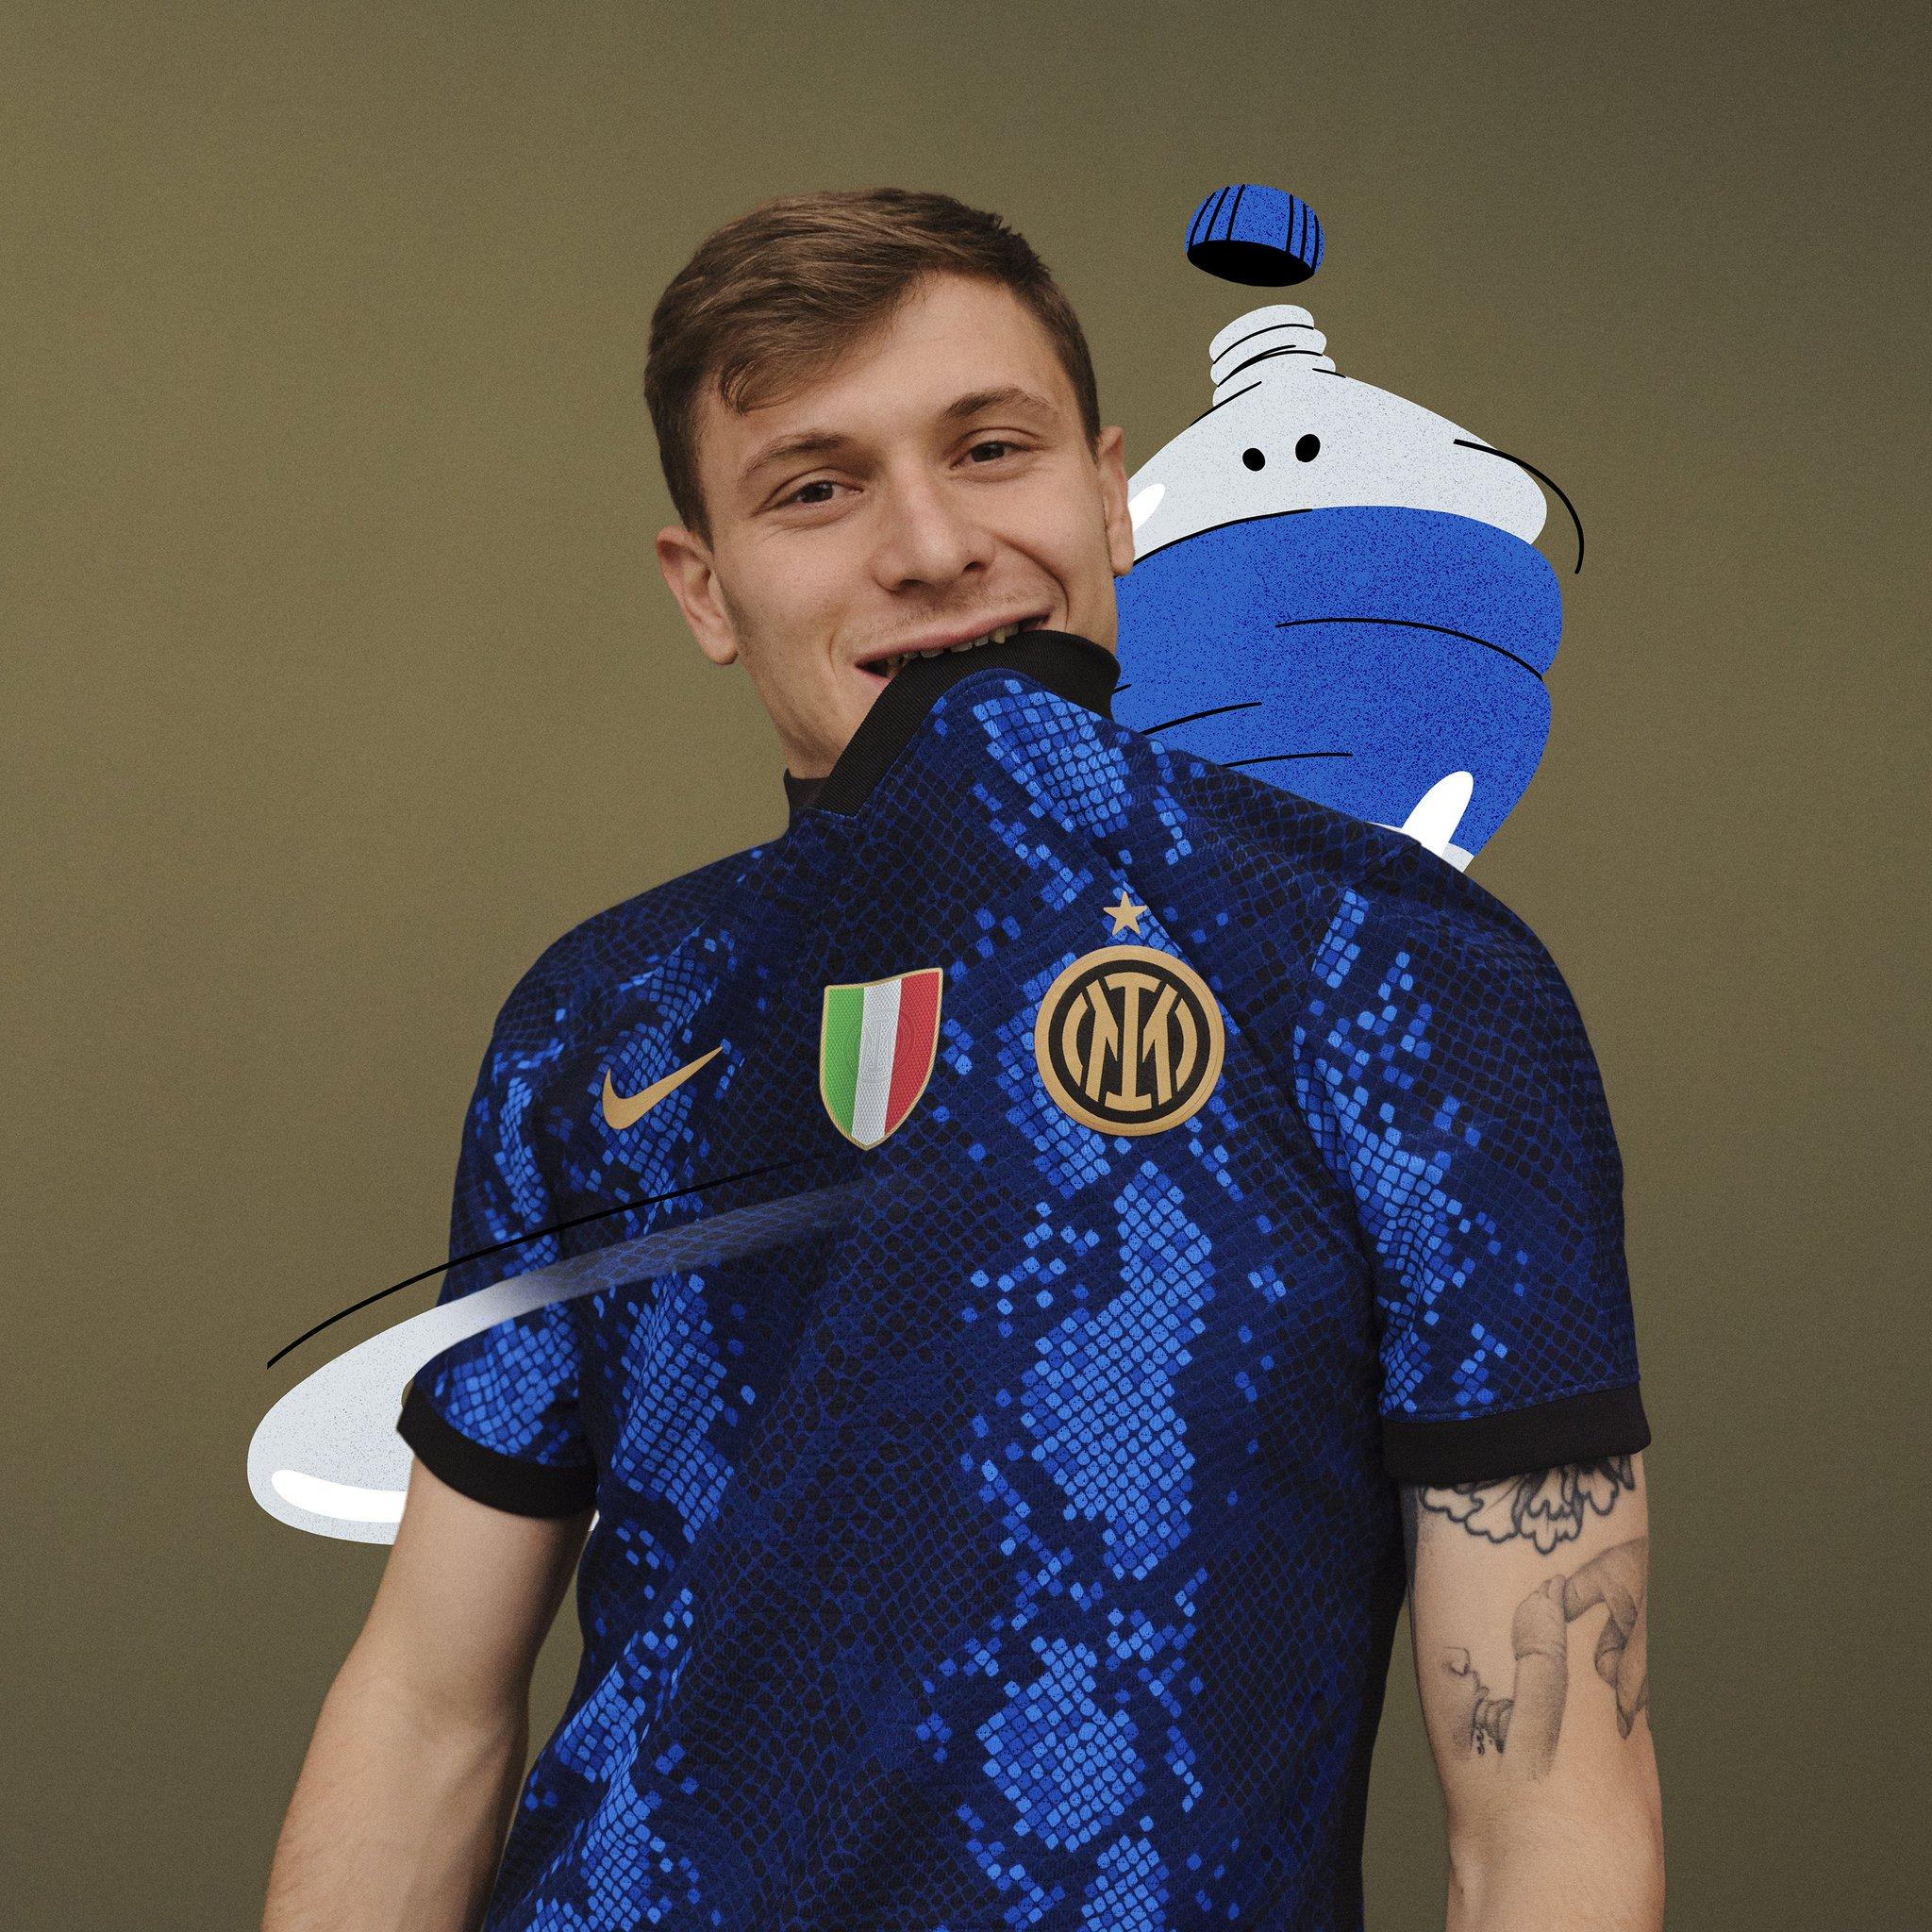 Inter Milan 2021-22 Nike Home Kit | 21/22 Kits | Football shirt blog